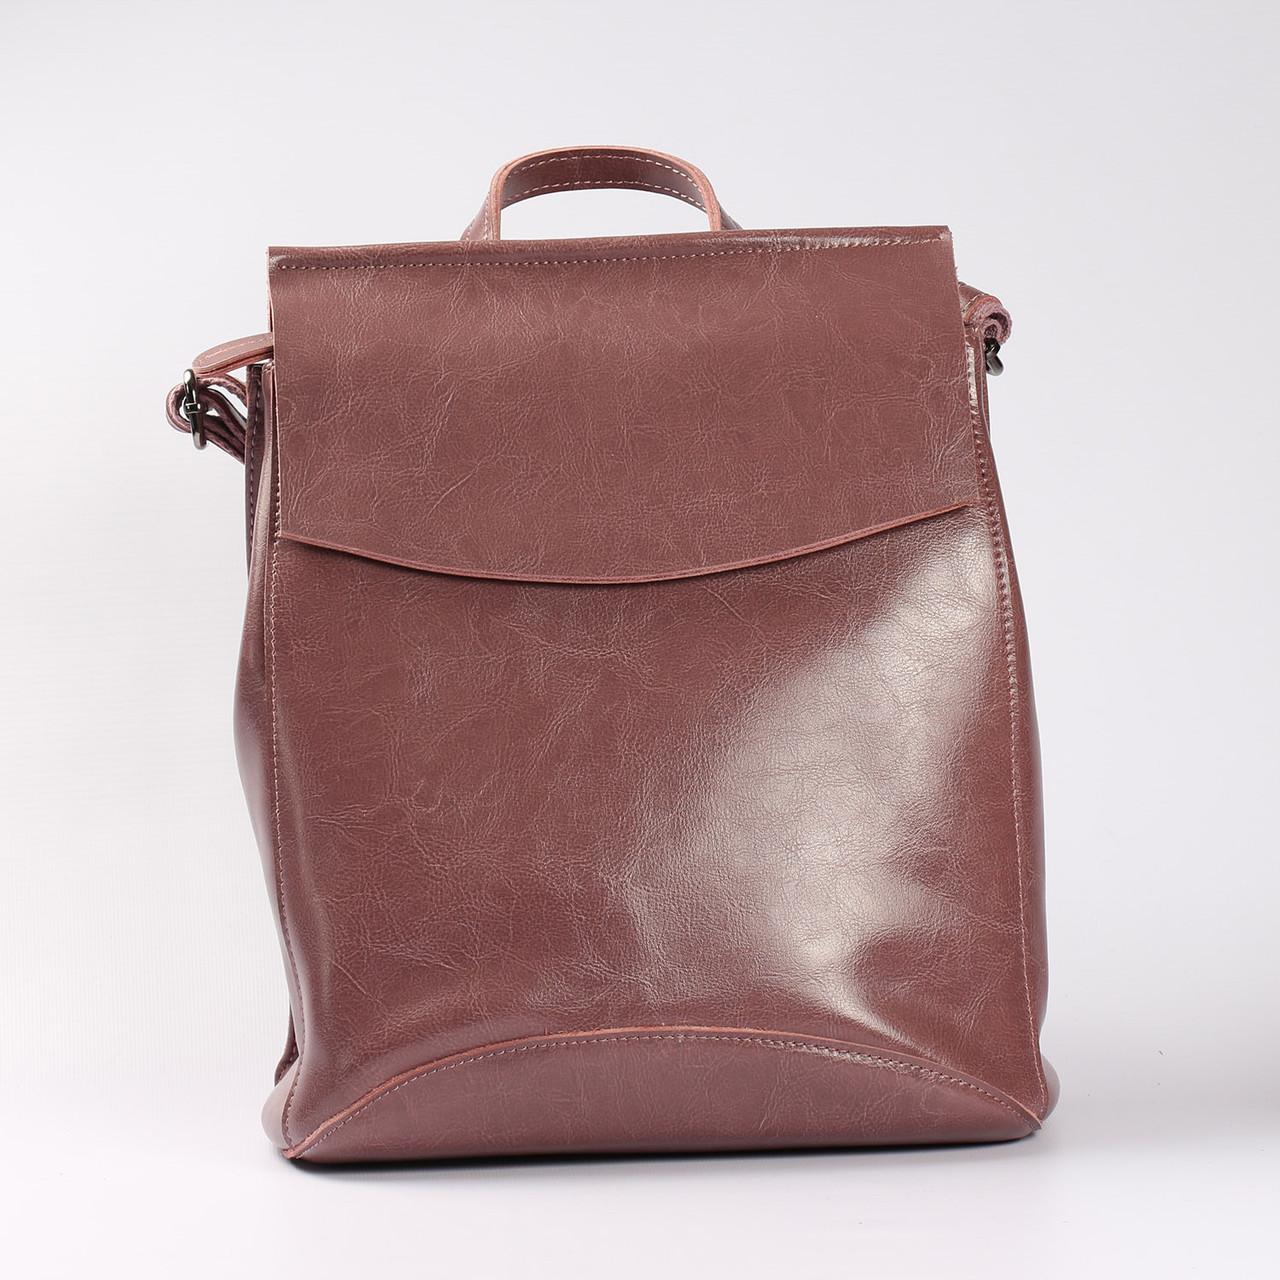 c54f58b39a31 Повседневный кожаный рюкзак-сумка (трансформер), розовый